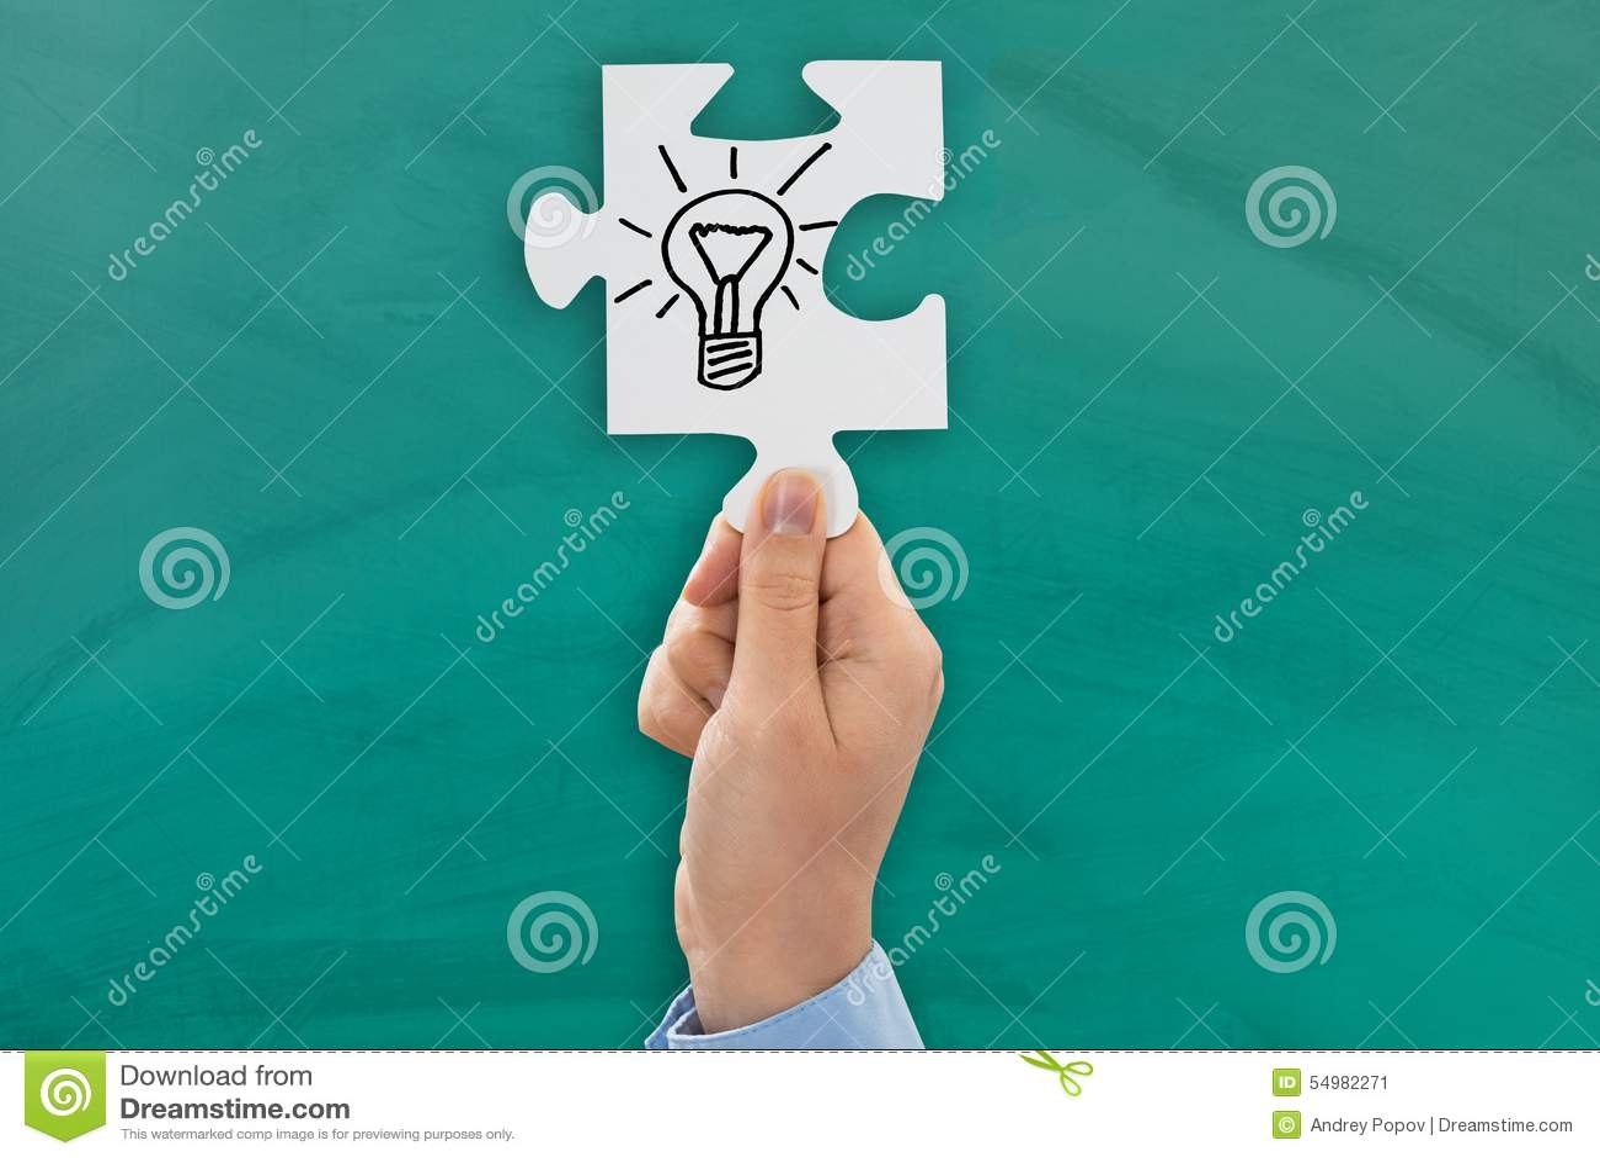 Mano de la persona que muestra símbolo del bulbo